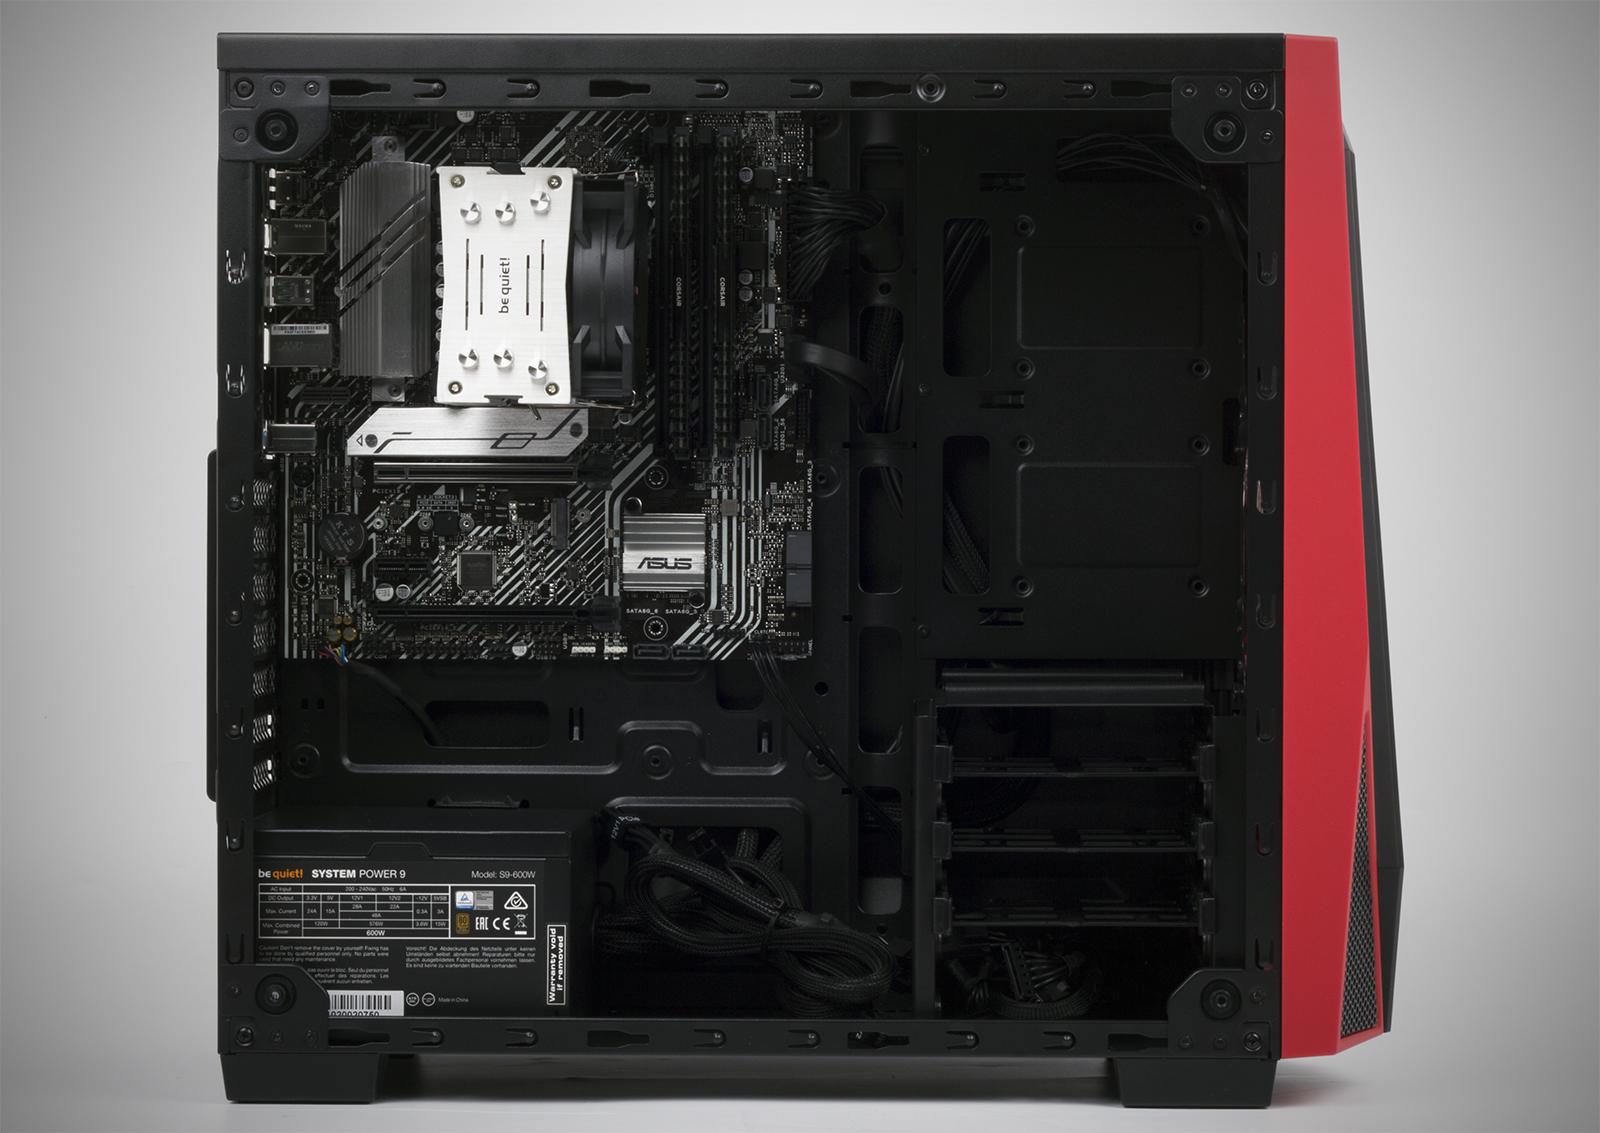 Компьютер месяца — май 2021 года